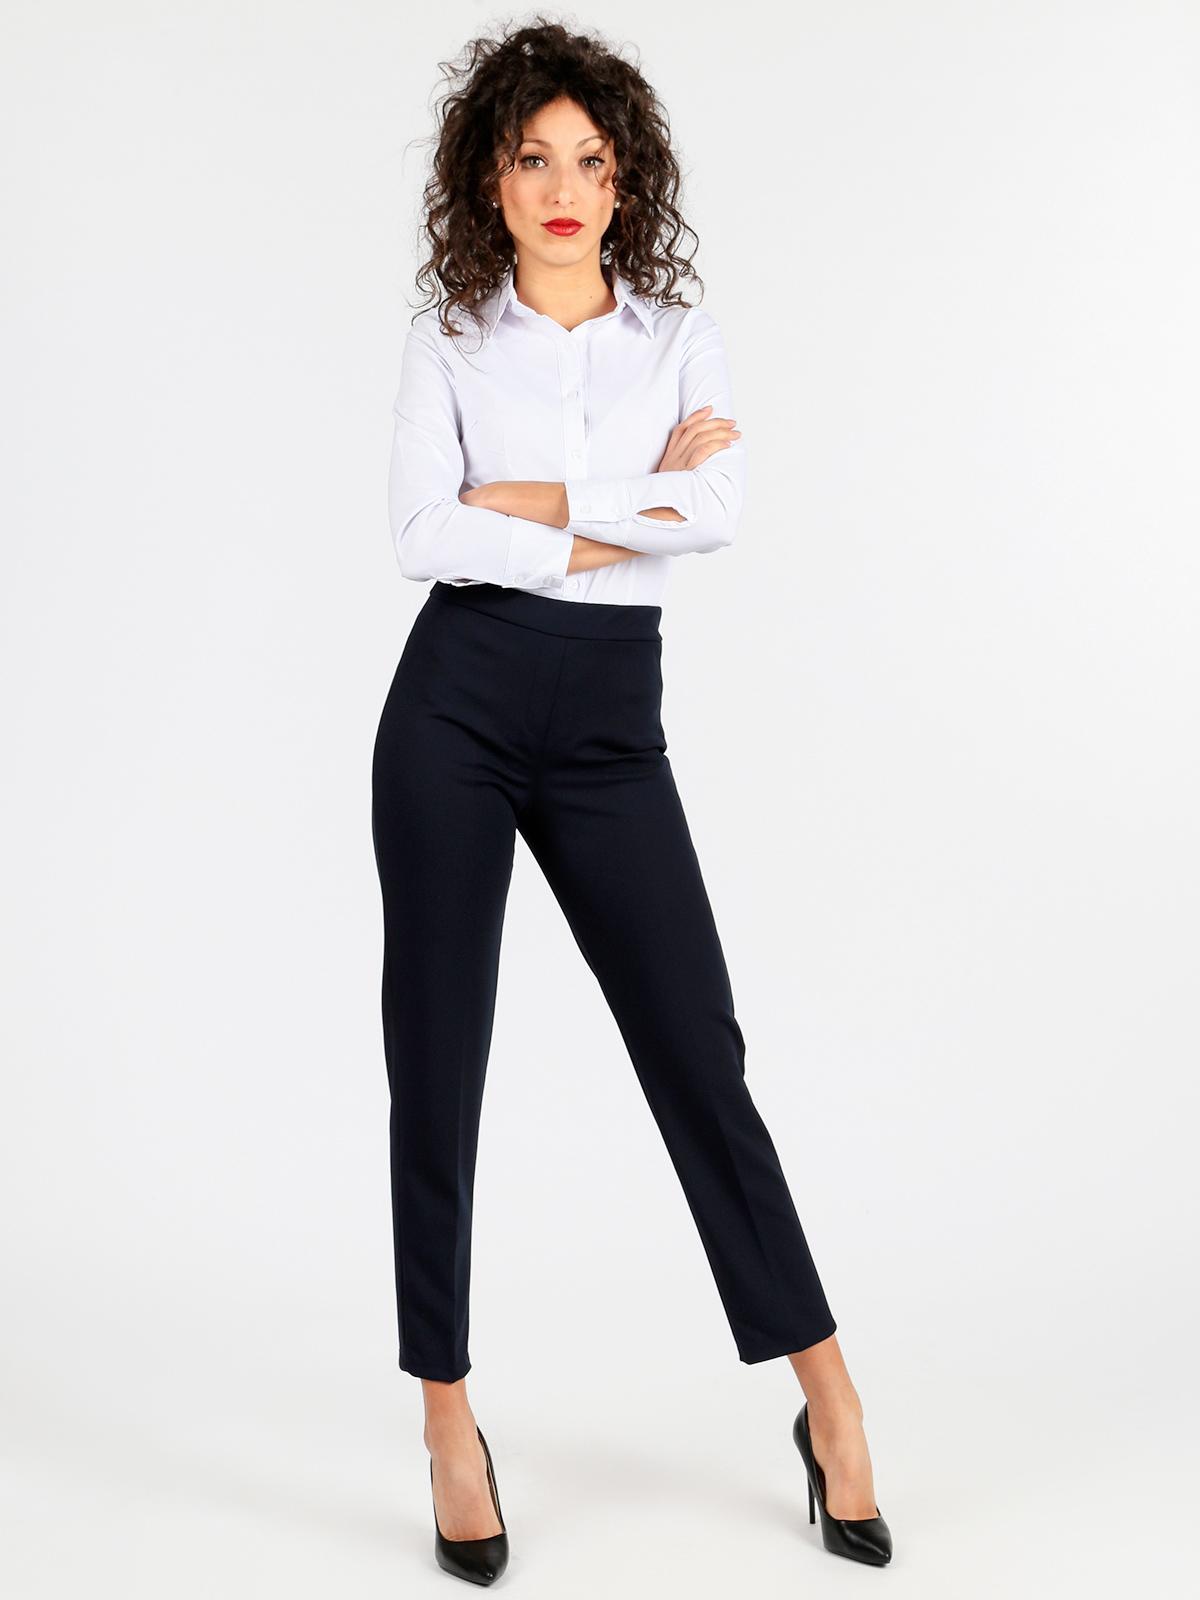 Pantaloni eleganti Donna Senza Tasche 00042693